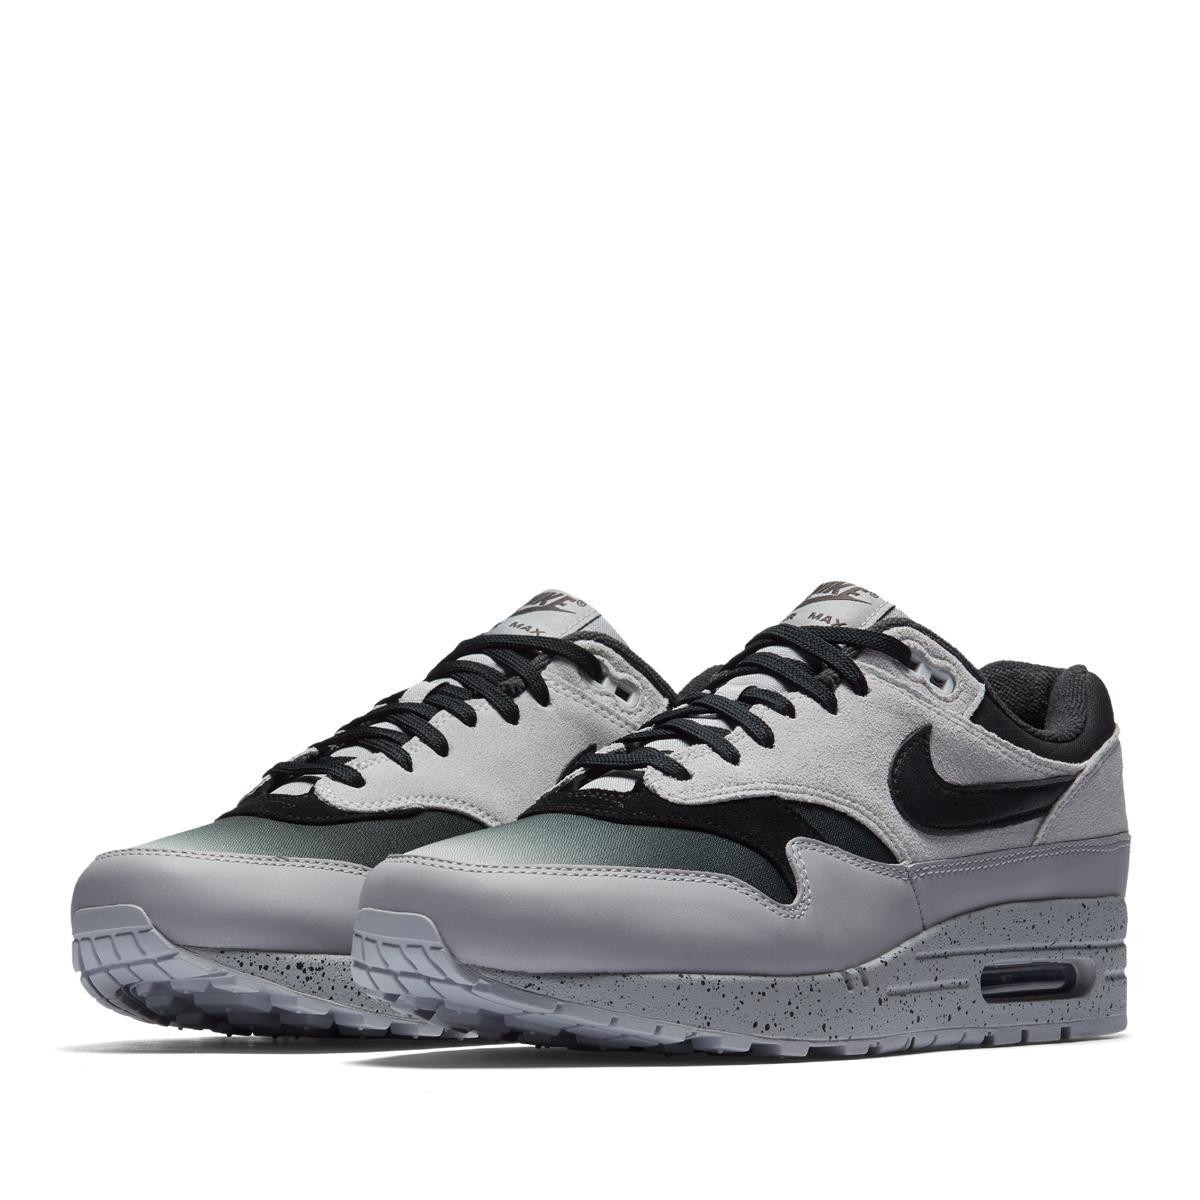 Nike Air Max 1 Premium Pure Platinumblack wolf Grey 87